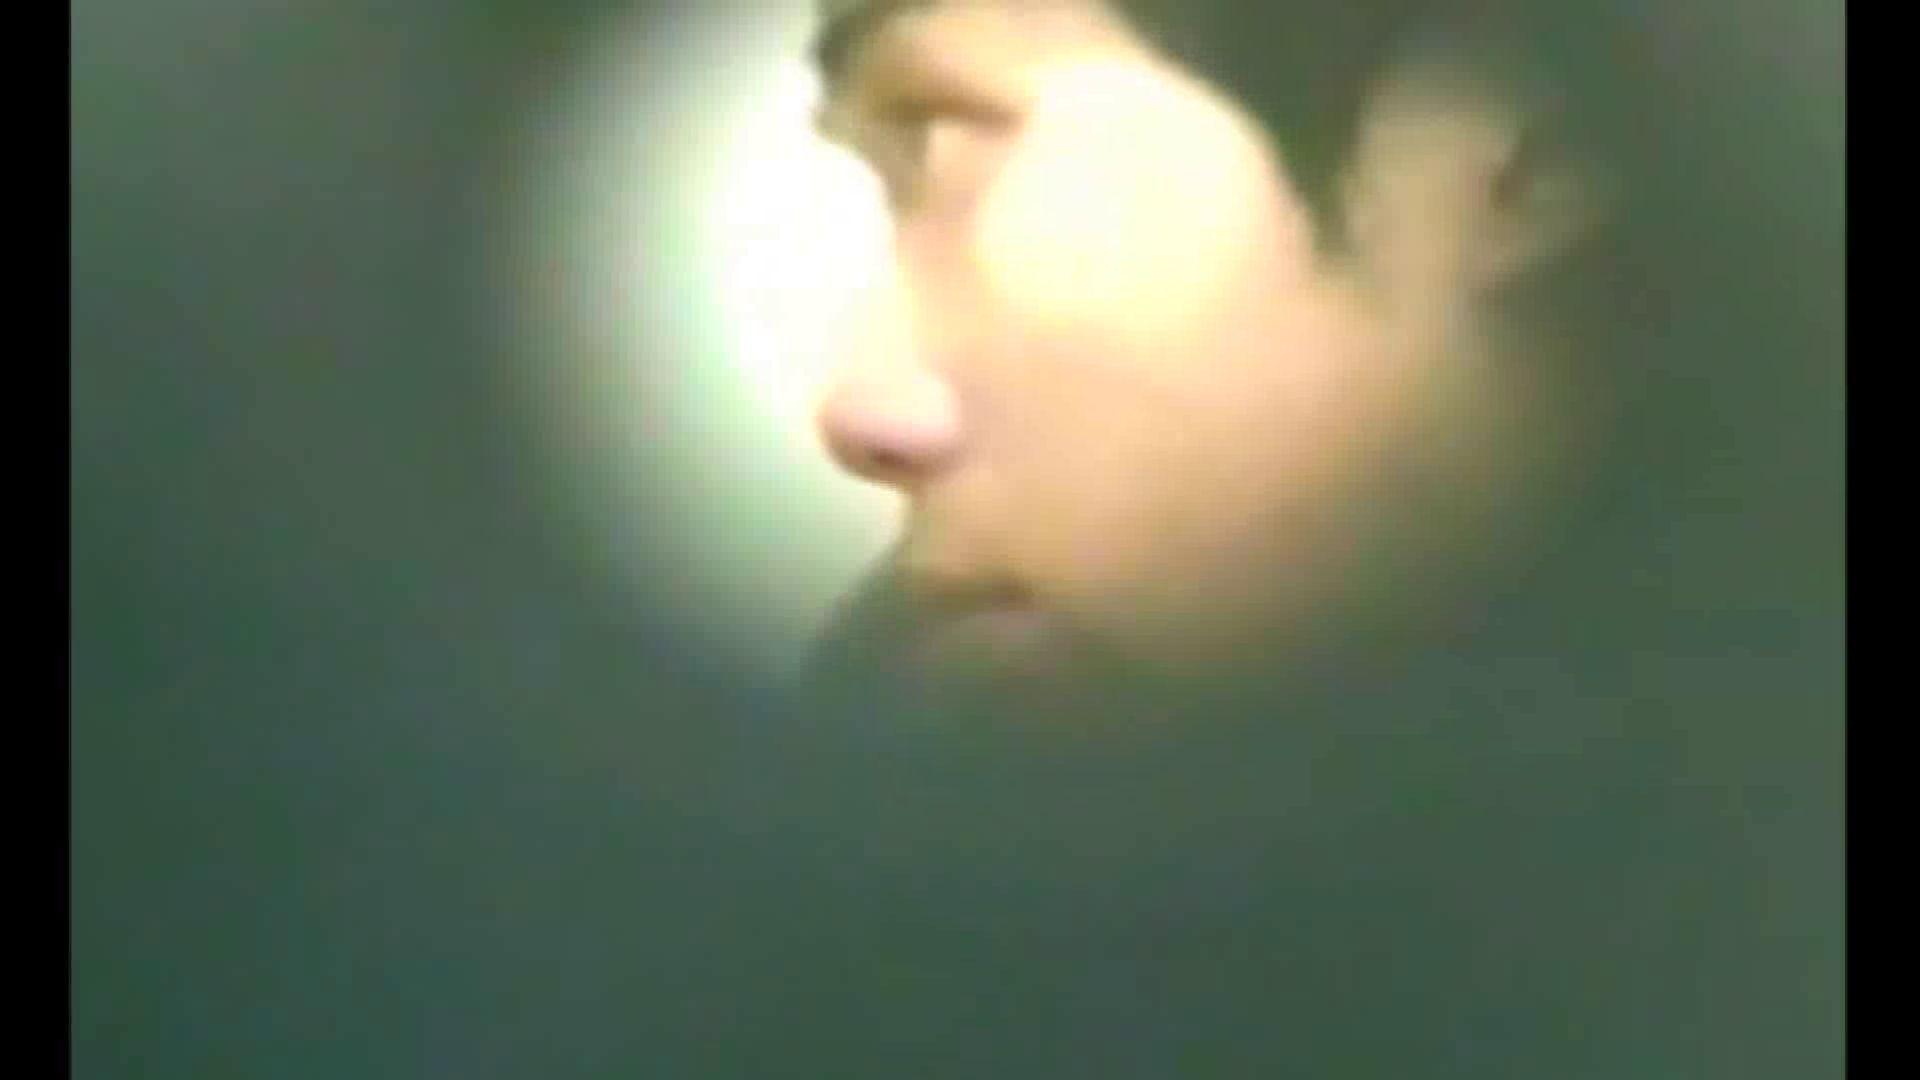 イケメンの素顔in洗面所 Vol.17 おしっこ | イケメンのsex  58pic 26